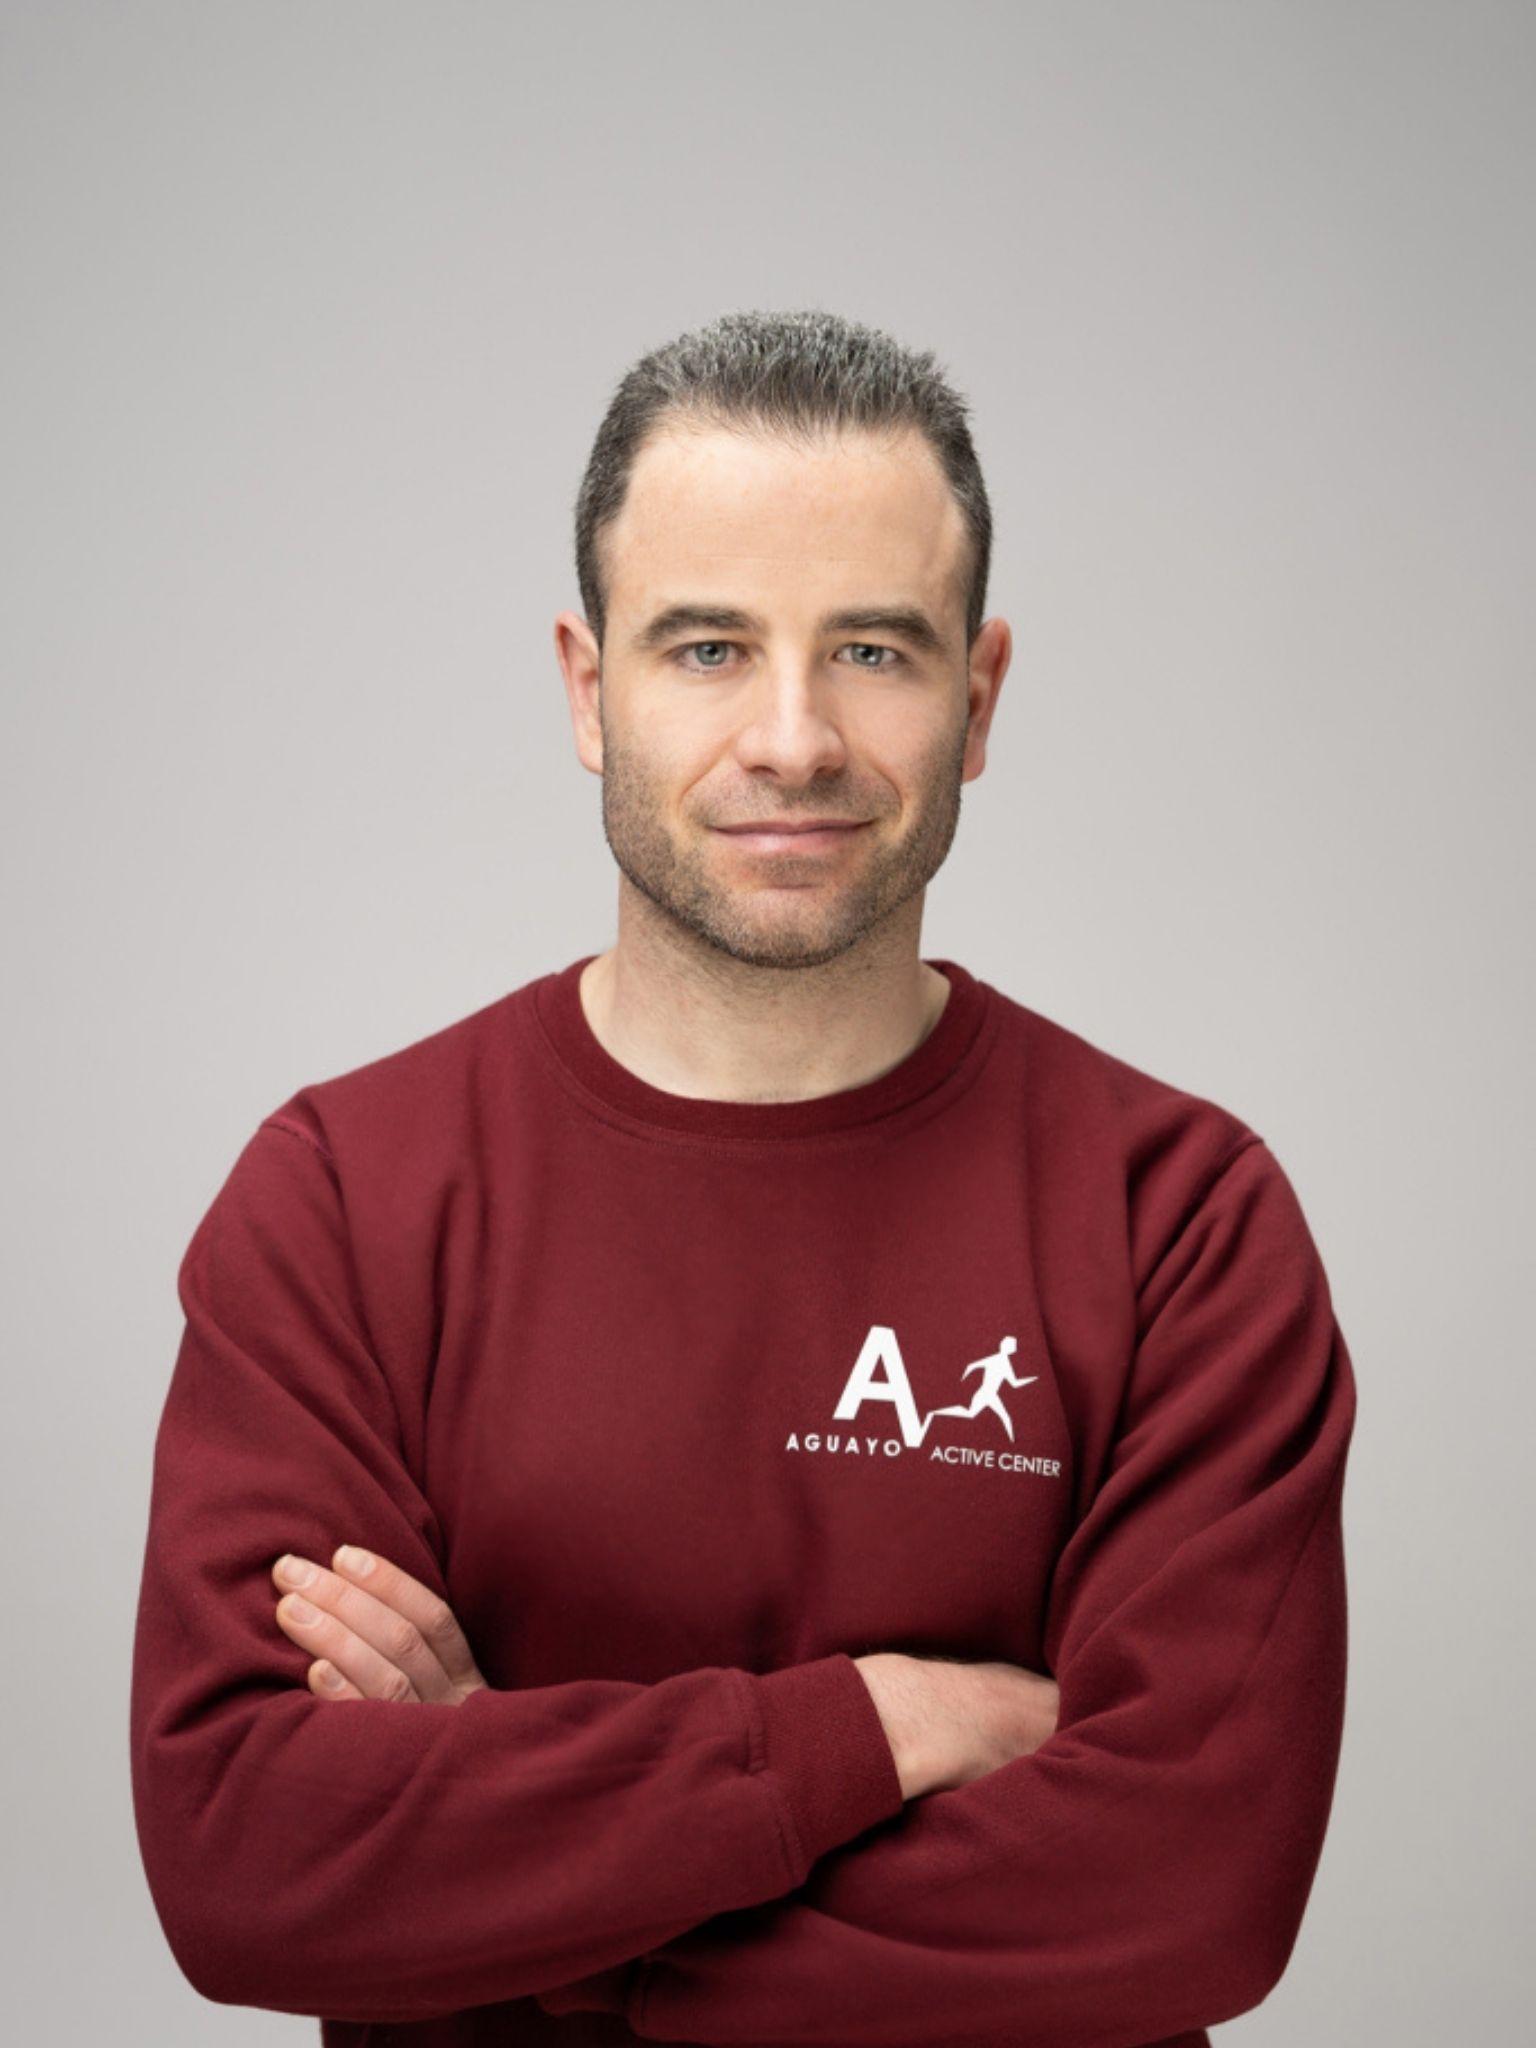 Antonio Ballesteros Aguayo (Entrenador personal)